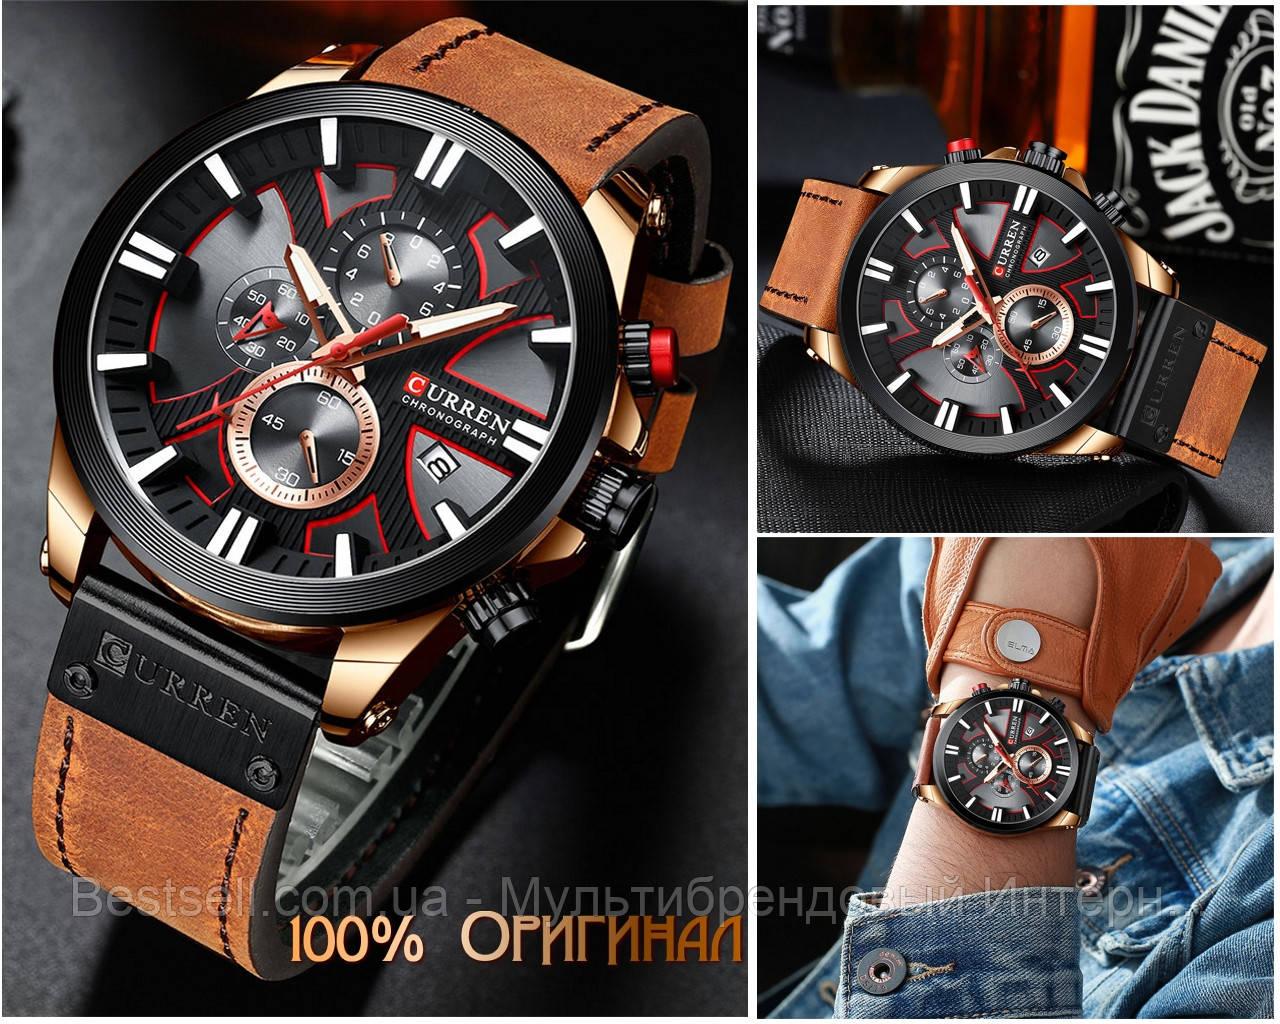 Оригинальные мужские часы c хронографом кожанный ремешок Curren 8346 Brown-Cuprum-Black / Часы Курен